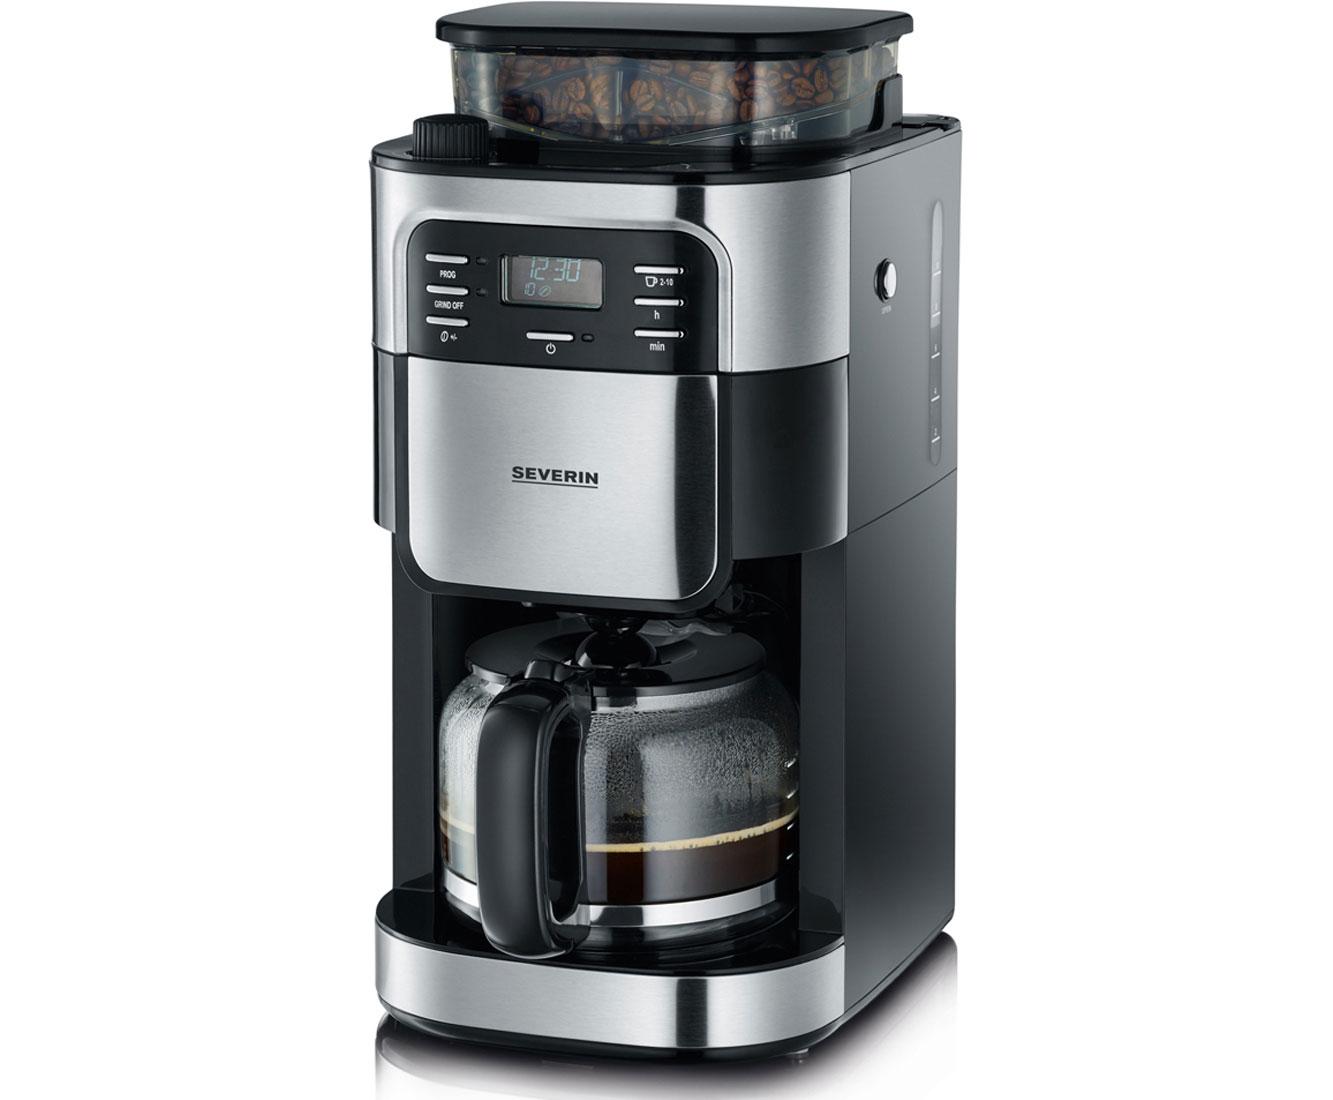 KA 4810 Kaffeemaschinen - Edelstahl / Schwarz